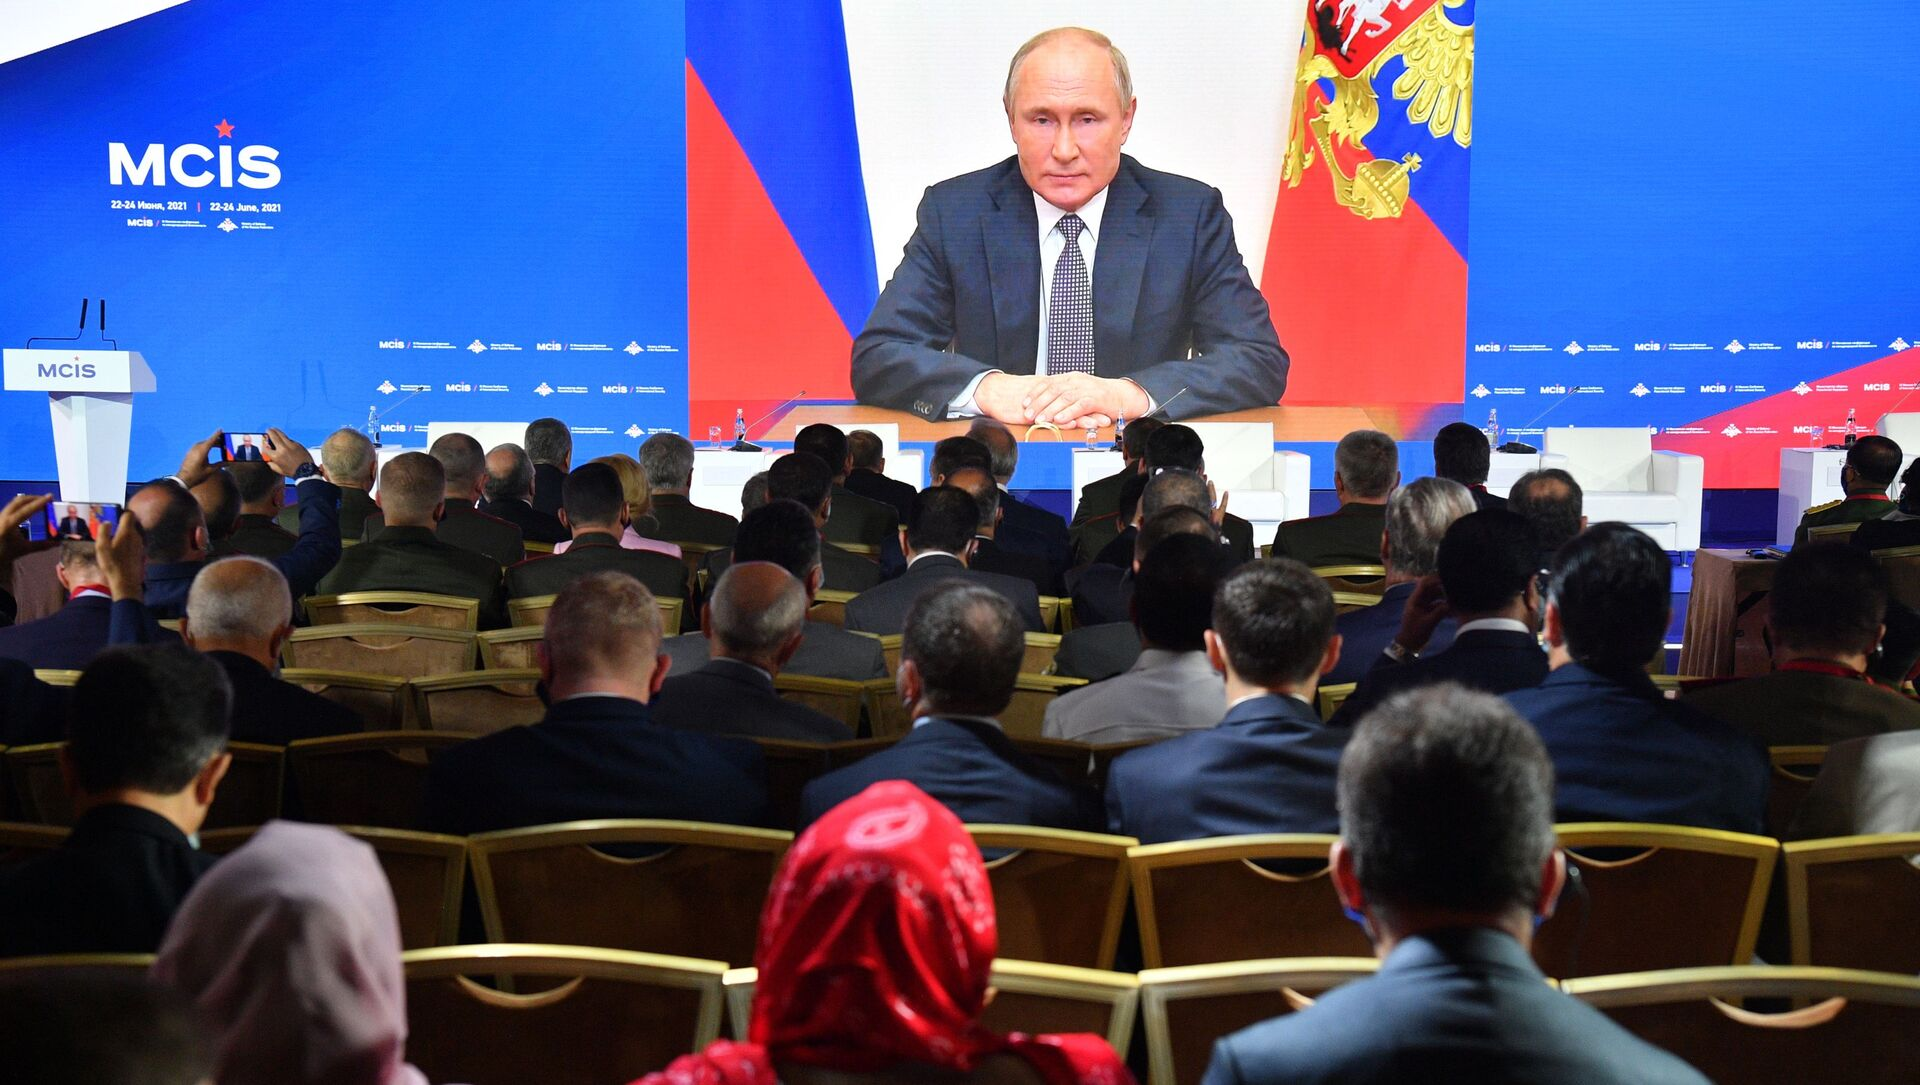 Tổng thống Nga Vladimir Putin gửi thông điệp qua video tới các đại biểu và khách mời của Hội nghị Matxcơva lần thứ IX về An ninh quốc tế. - Sputnik Việt Nam, 1920, 23.06.2021